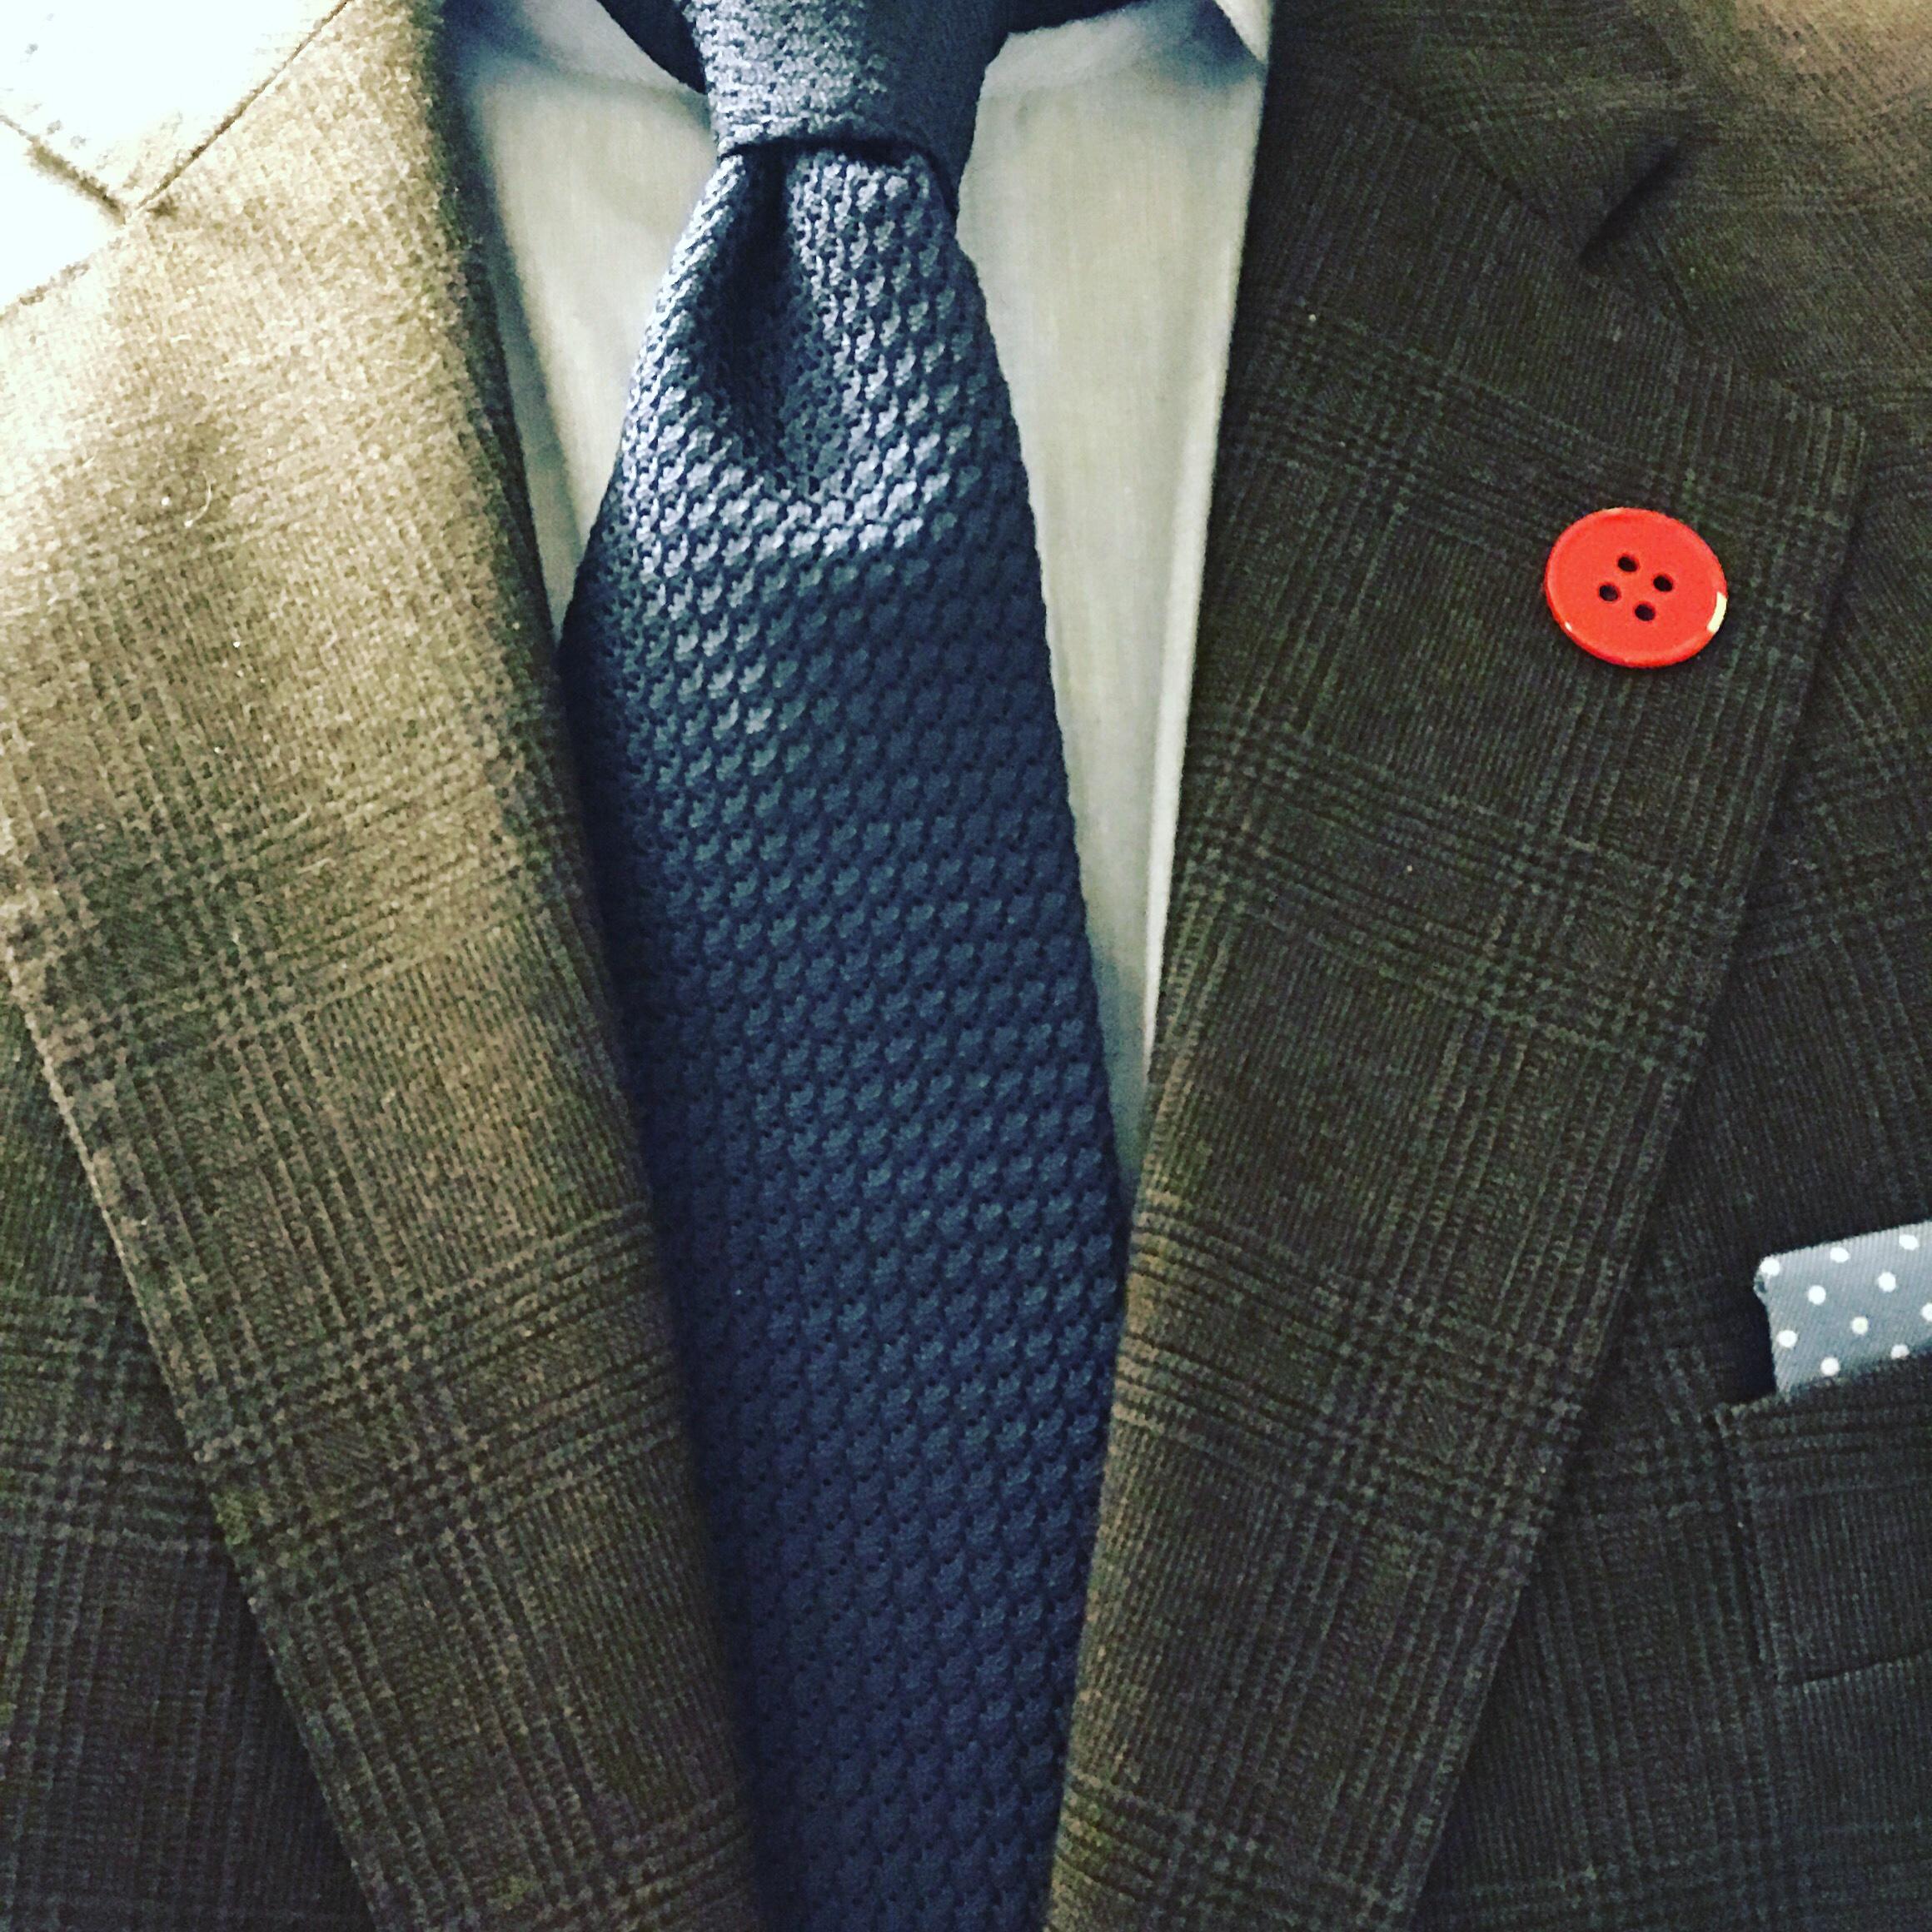 7a03097d Blått grenadine-slips fra Charles Tyrwhitt går veldig fint med min brune  rutete dress fra Viero Milano.